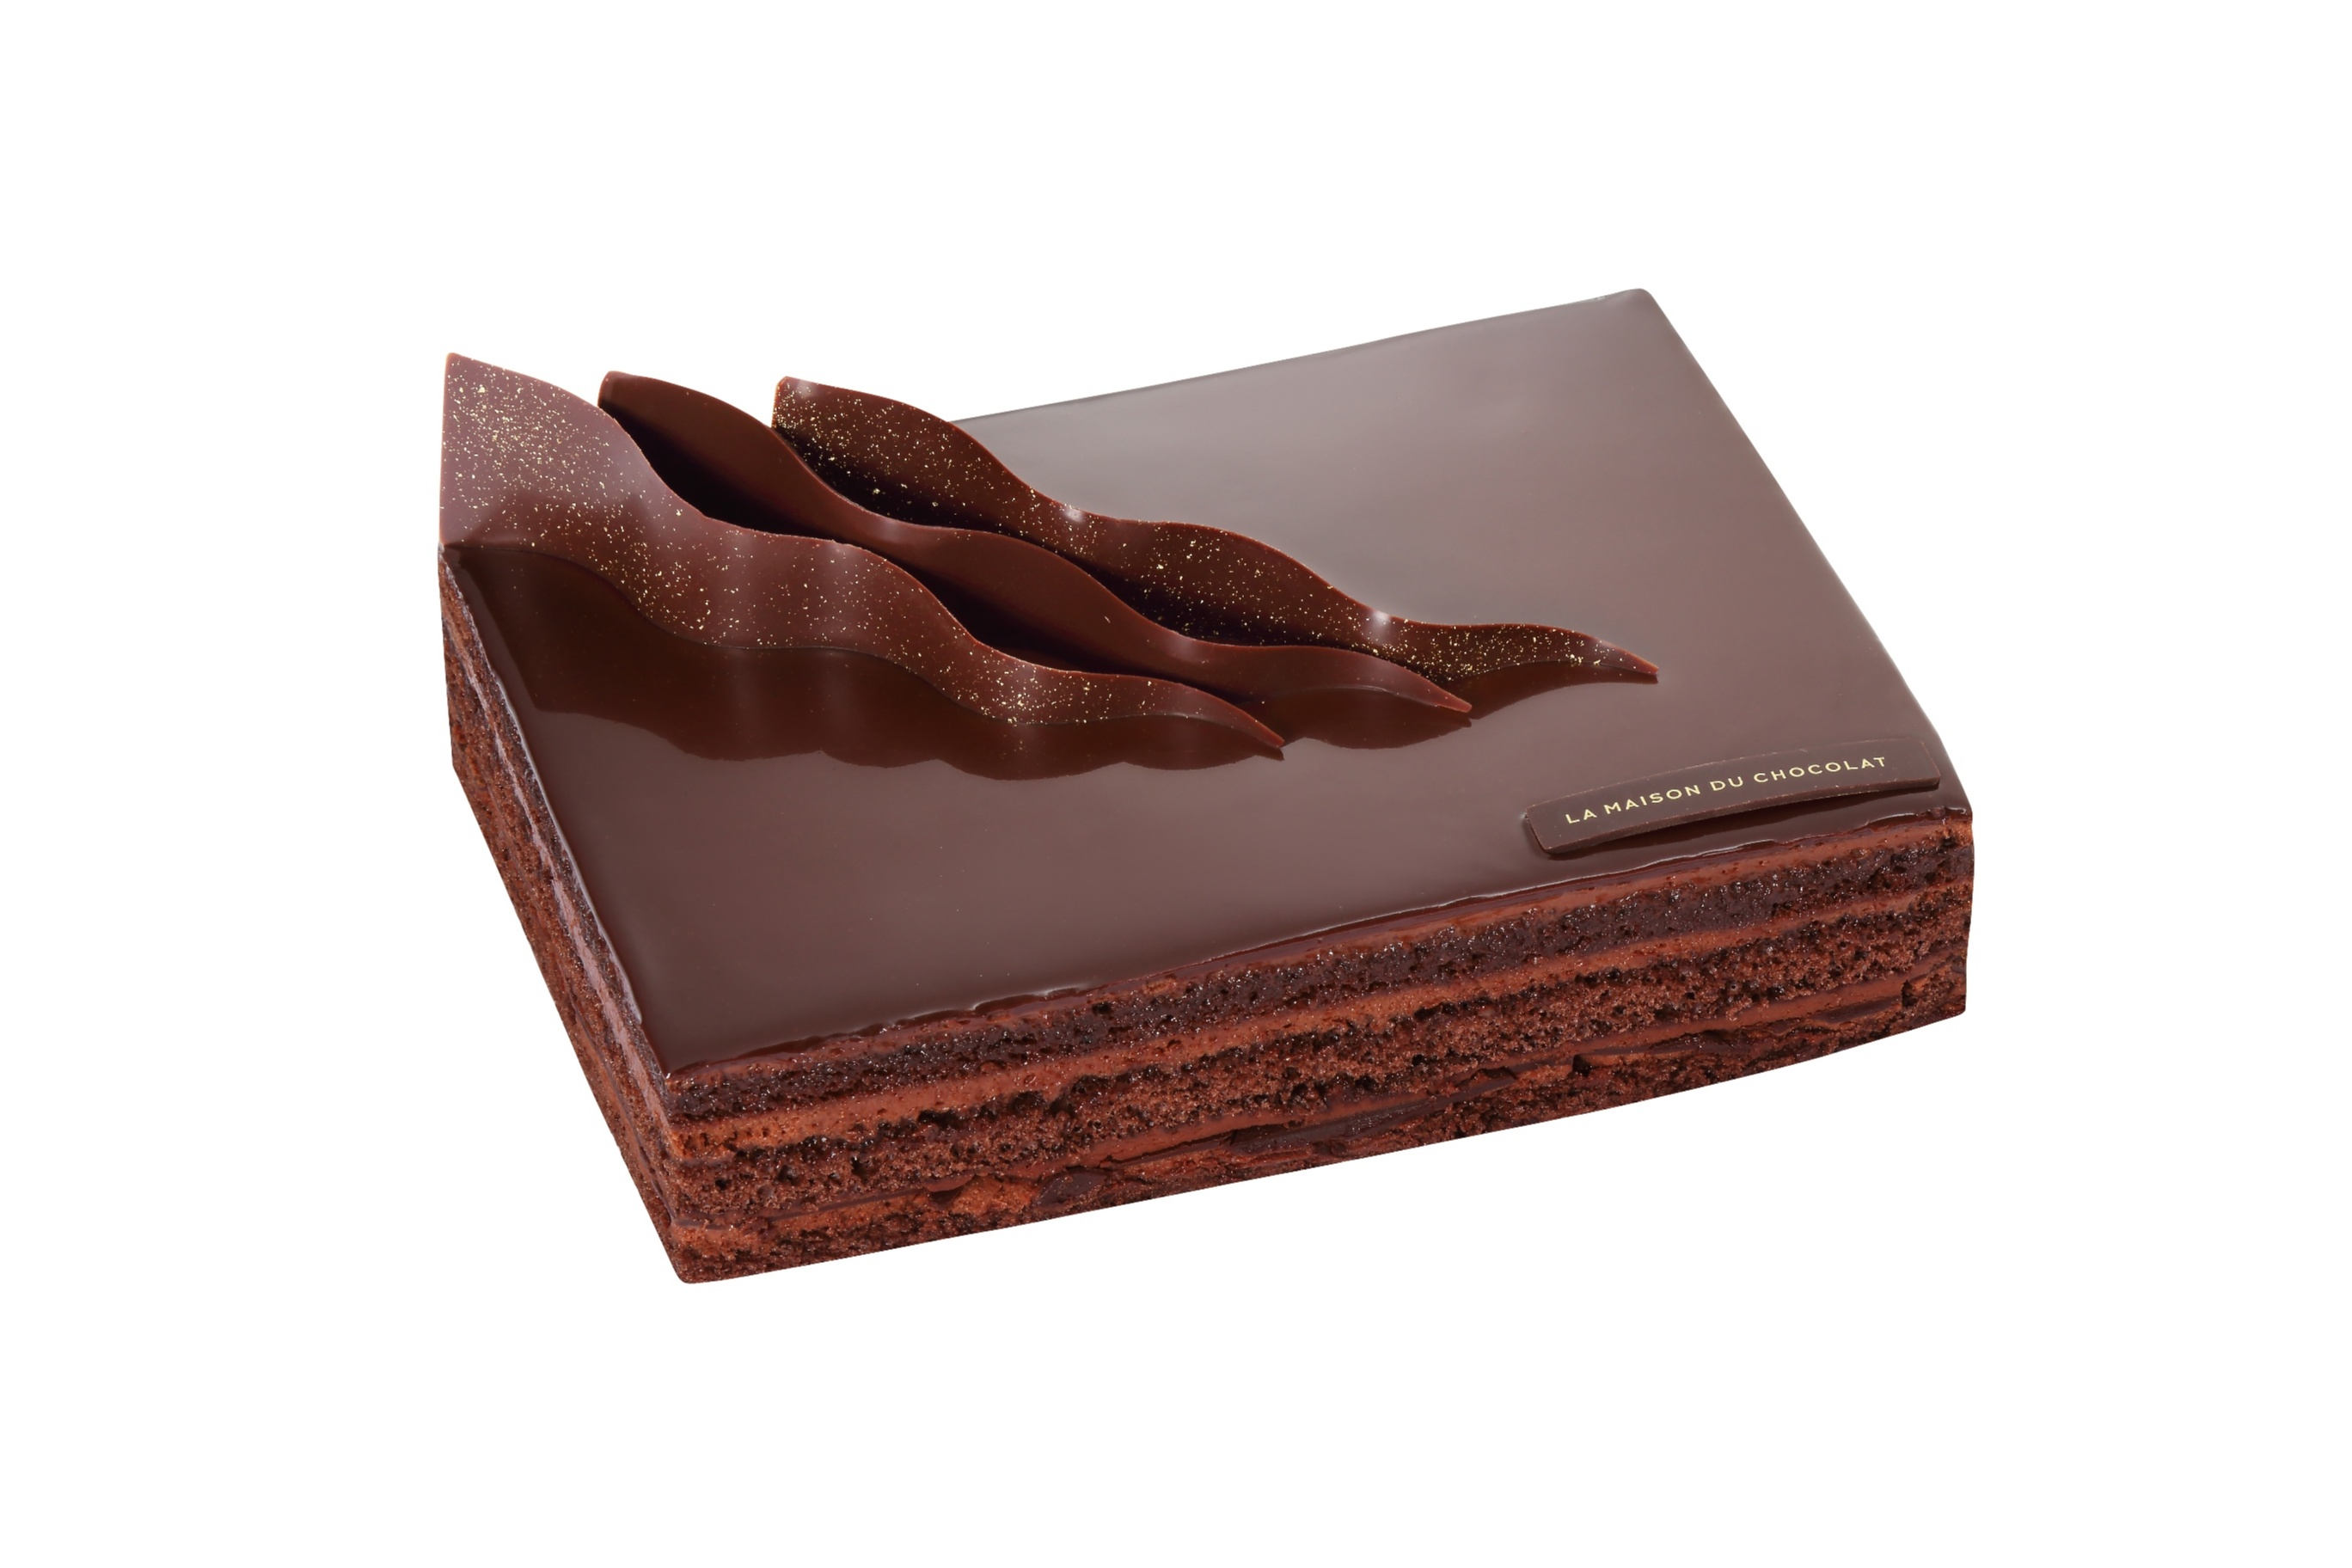 チョコレートLoverに捧ぐクリスマス♡ 『ラ・メゾン・デュ・ショコラ』のおしゃれすぎるケーキでスイートに!_1_4